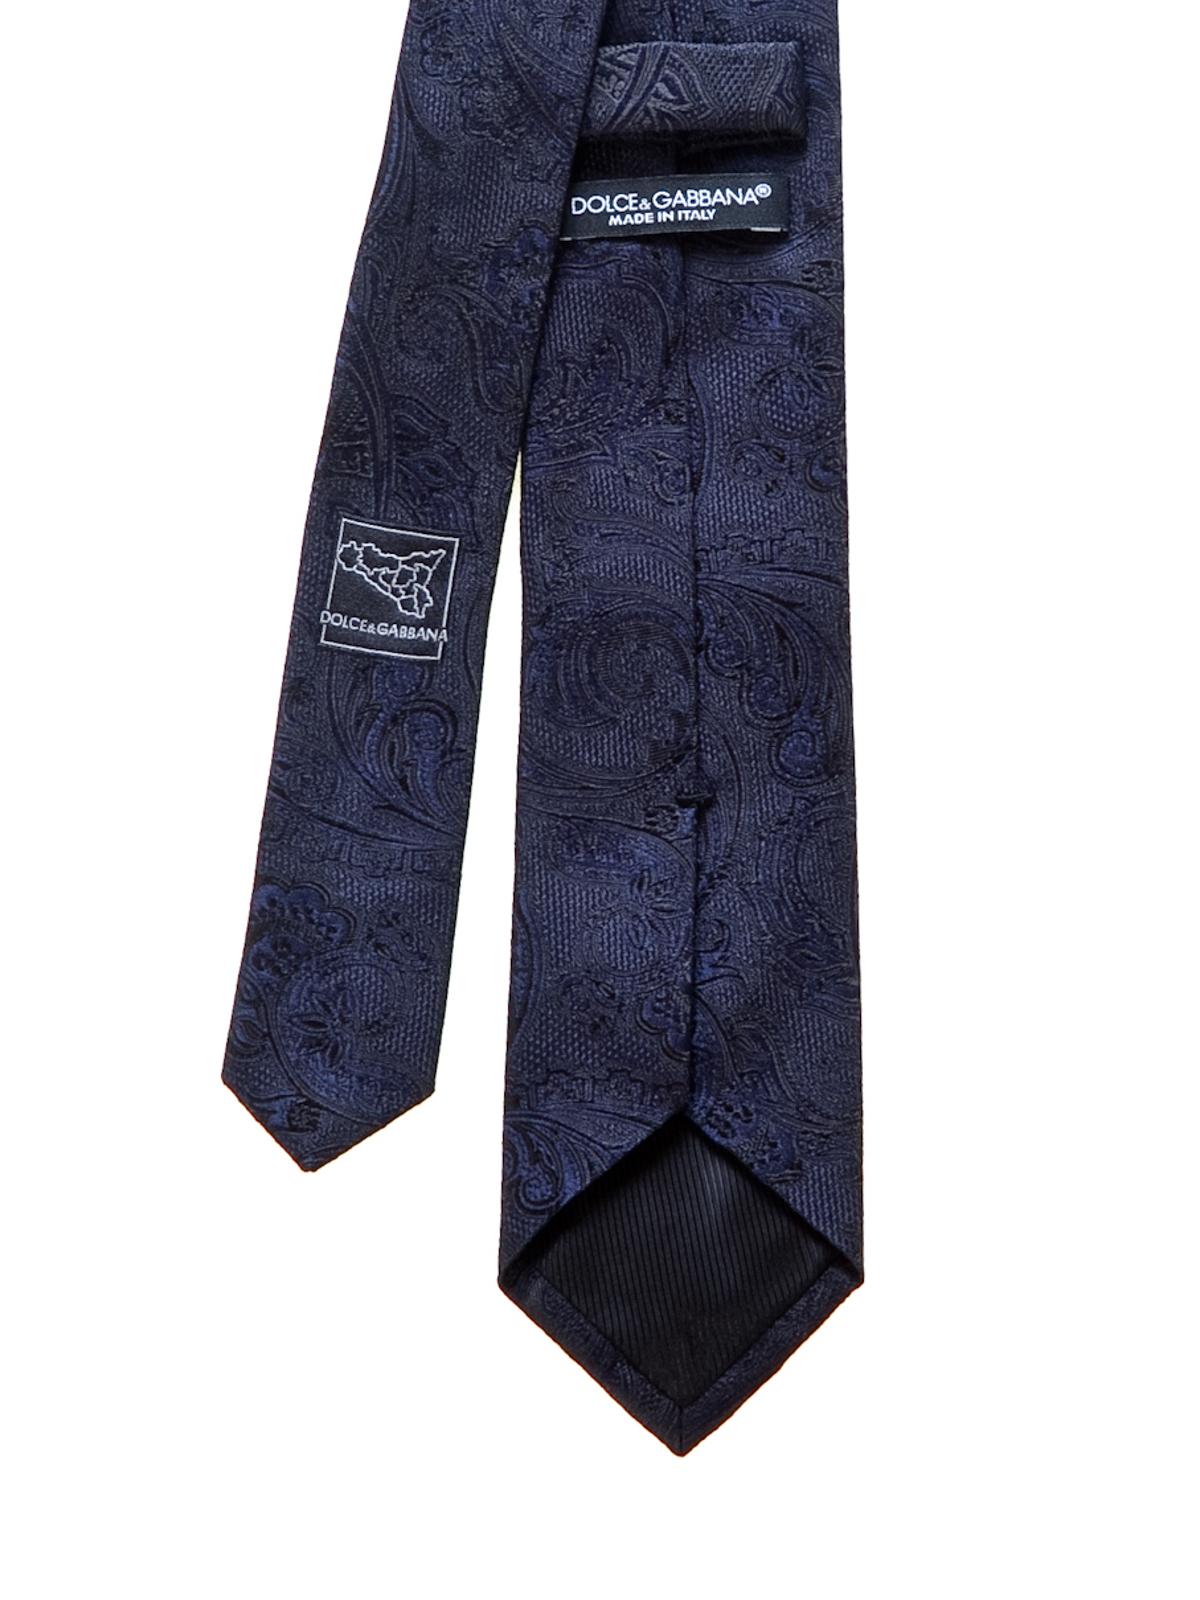 fc3c4eb5e4f5 iKRIX DOLCE & GABBANA: ties & bow ties - Paisley pattern silk tie